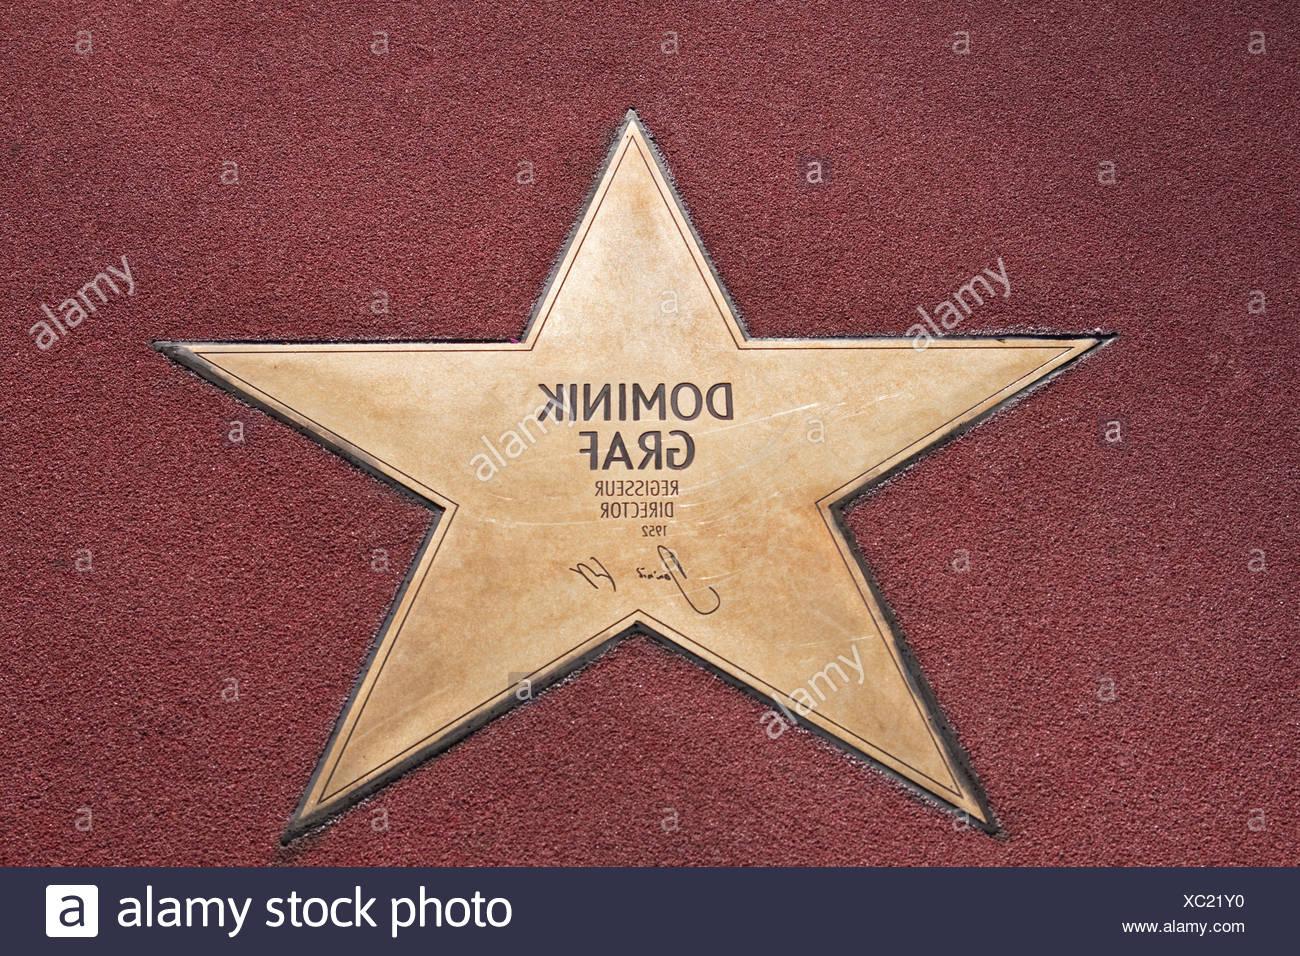 Stern von Dominik Graf, Boulevard der Stars, Spaziergang von Sternen, Platz, Potsdamer Platz Berlin, Deutschland, Europa Stockbild